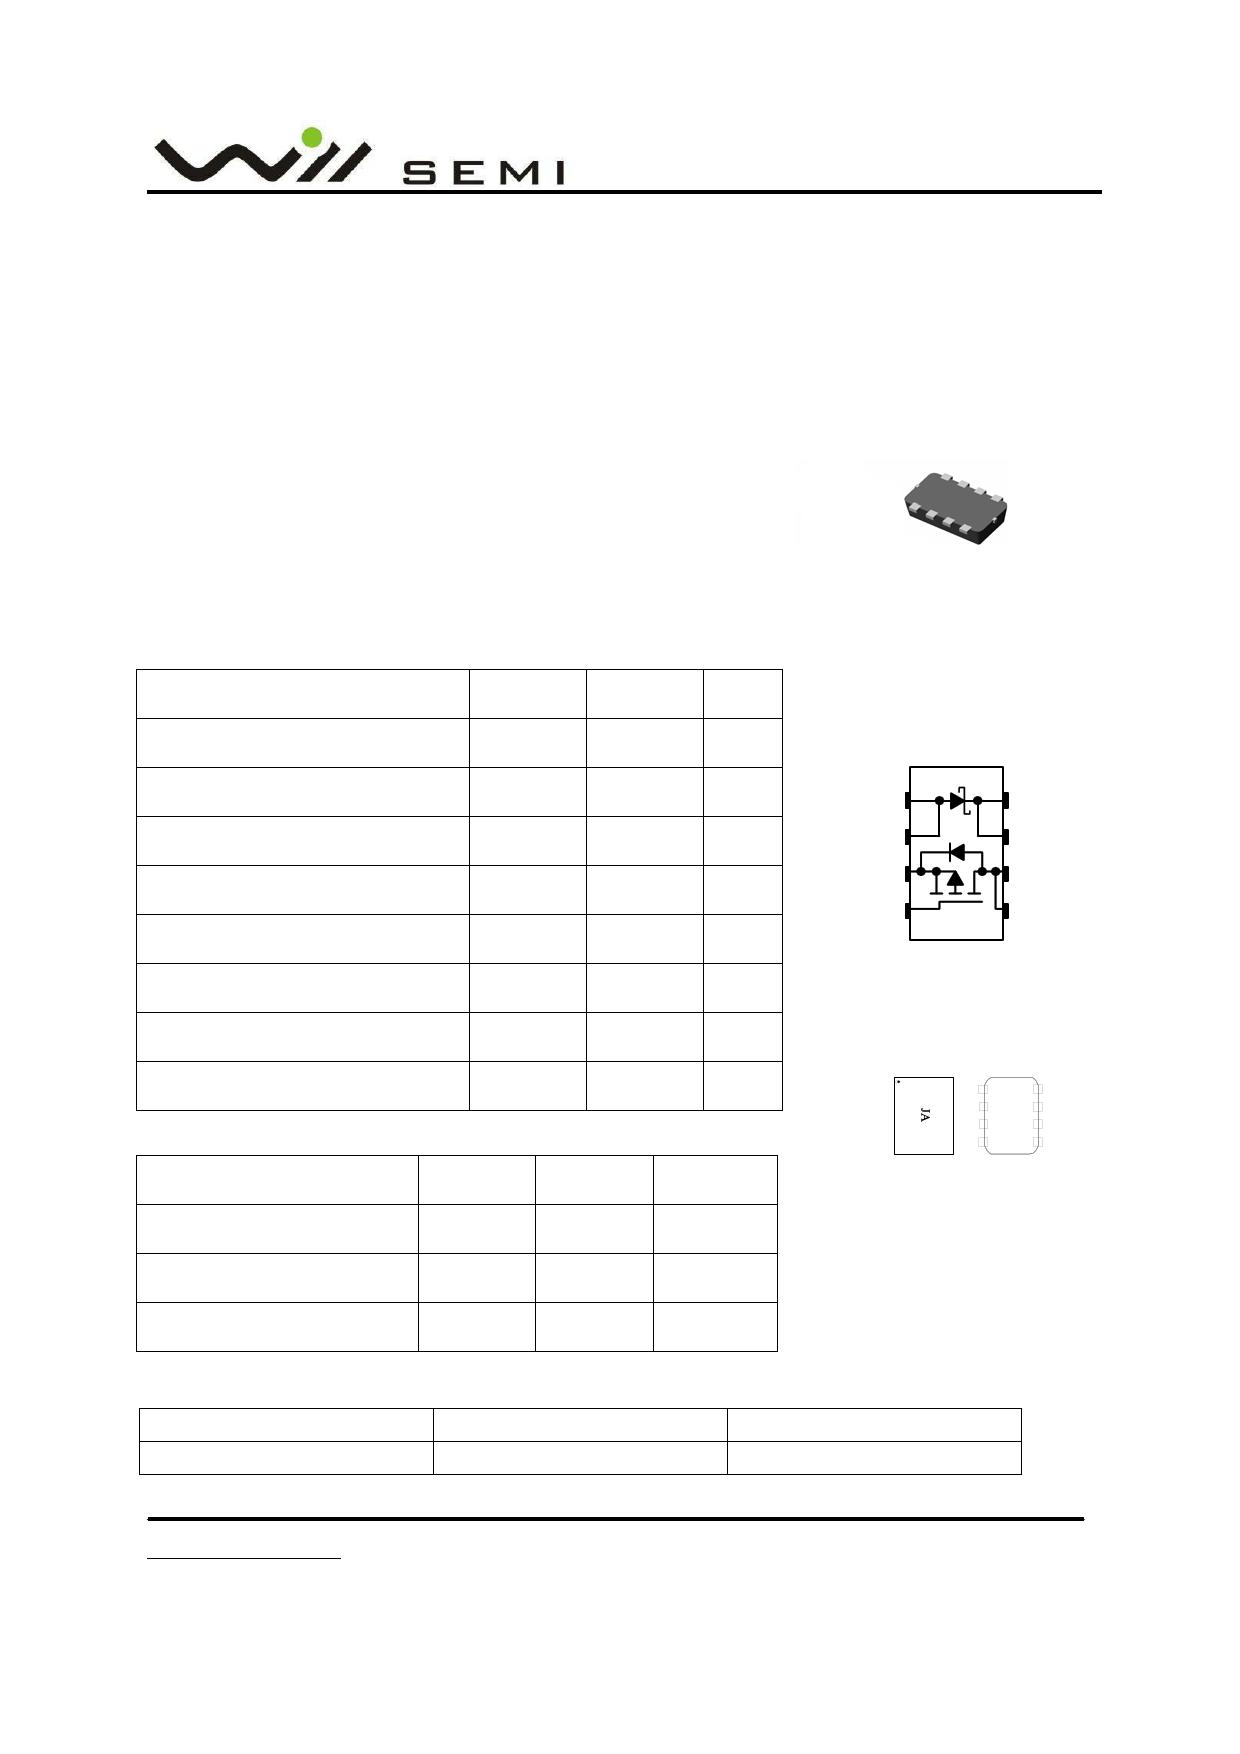 WPM2005B Datenblatt PDF